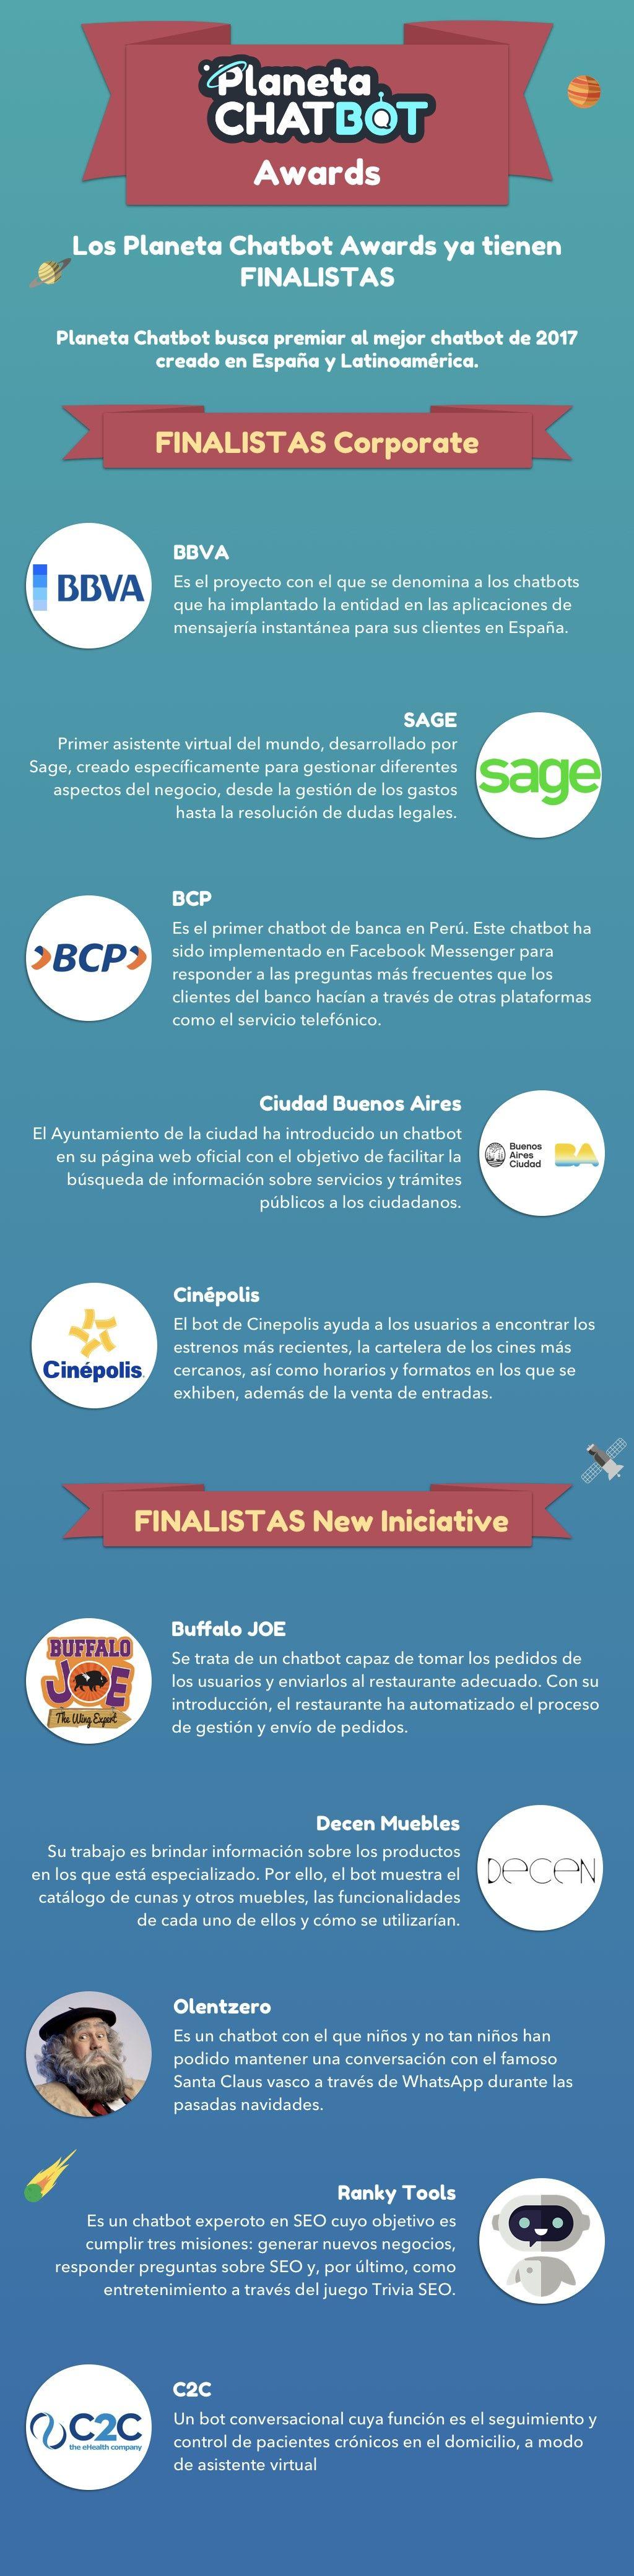 Foto de Los Planeta Chatbot Awards ya tienen finalistas